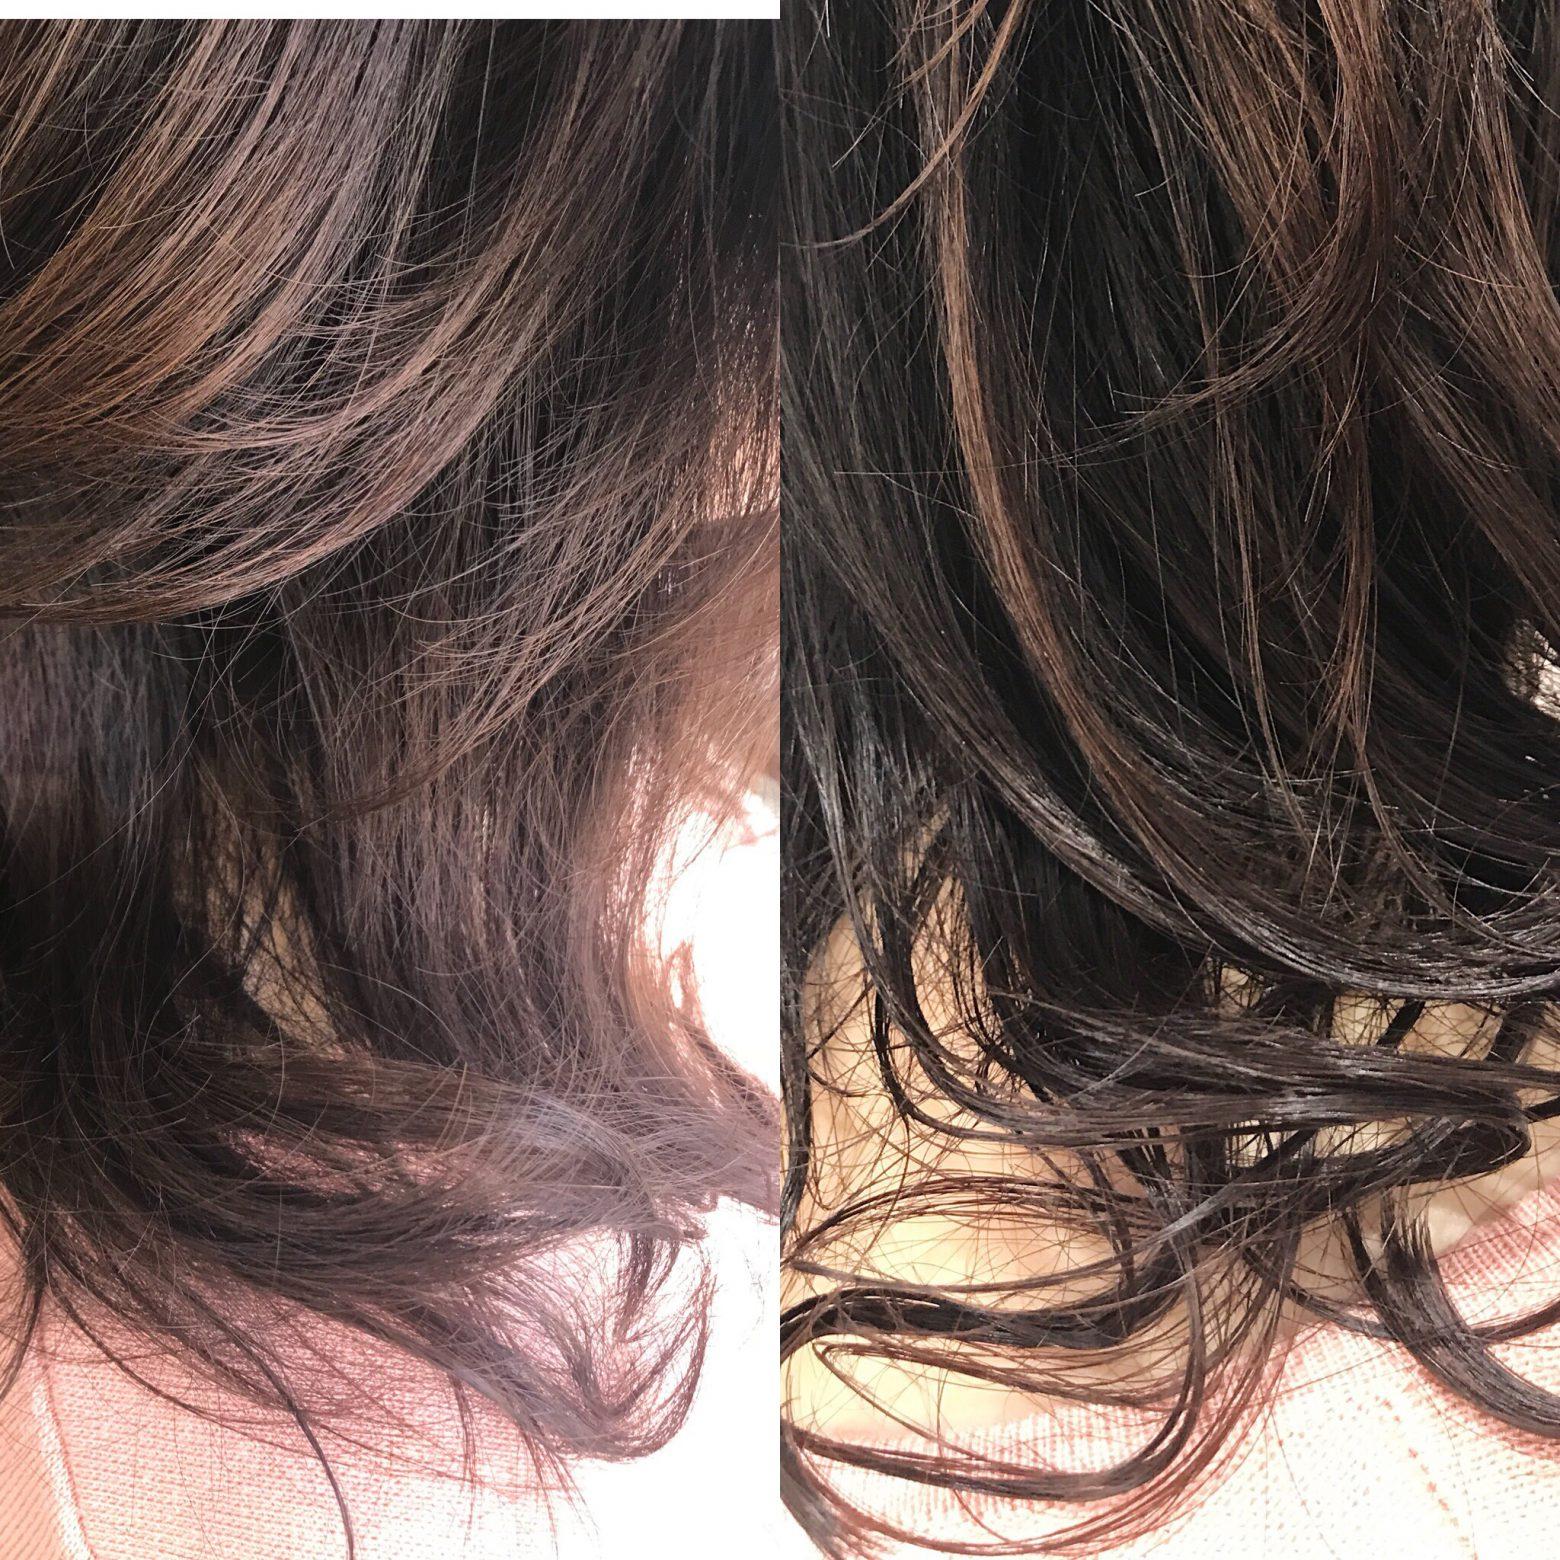 【上品、上質な感じでナチュラル。】そんなイメージで取り組むヘアケア。パーマのカールも潤いの質感に!